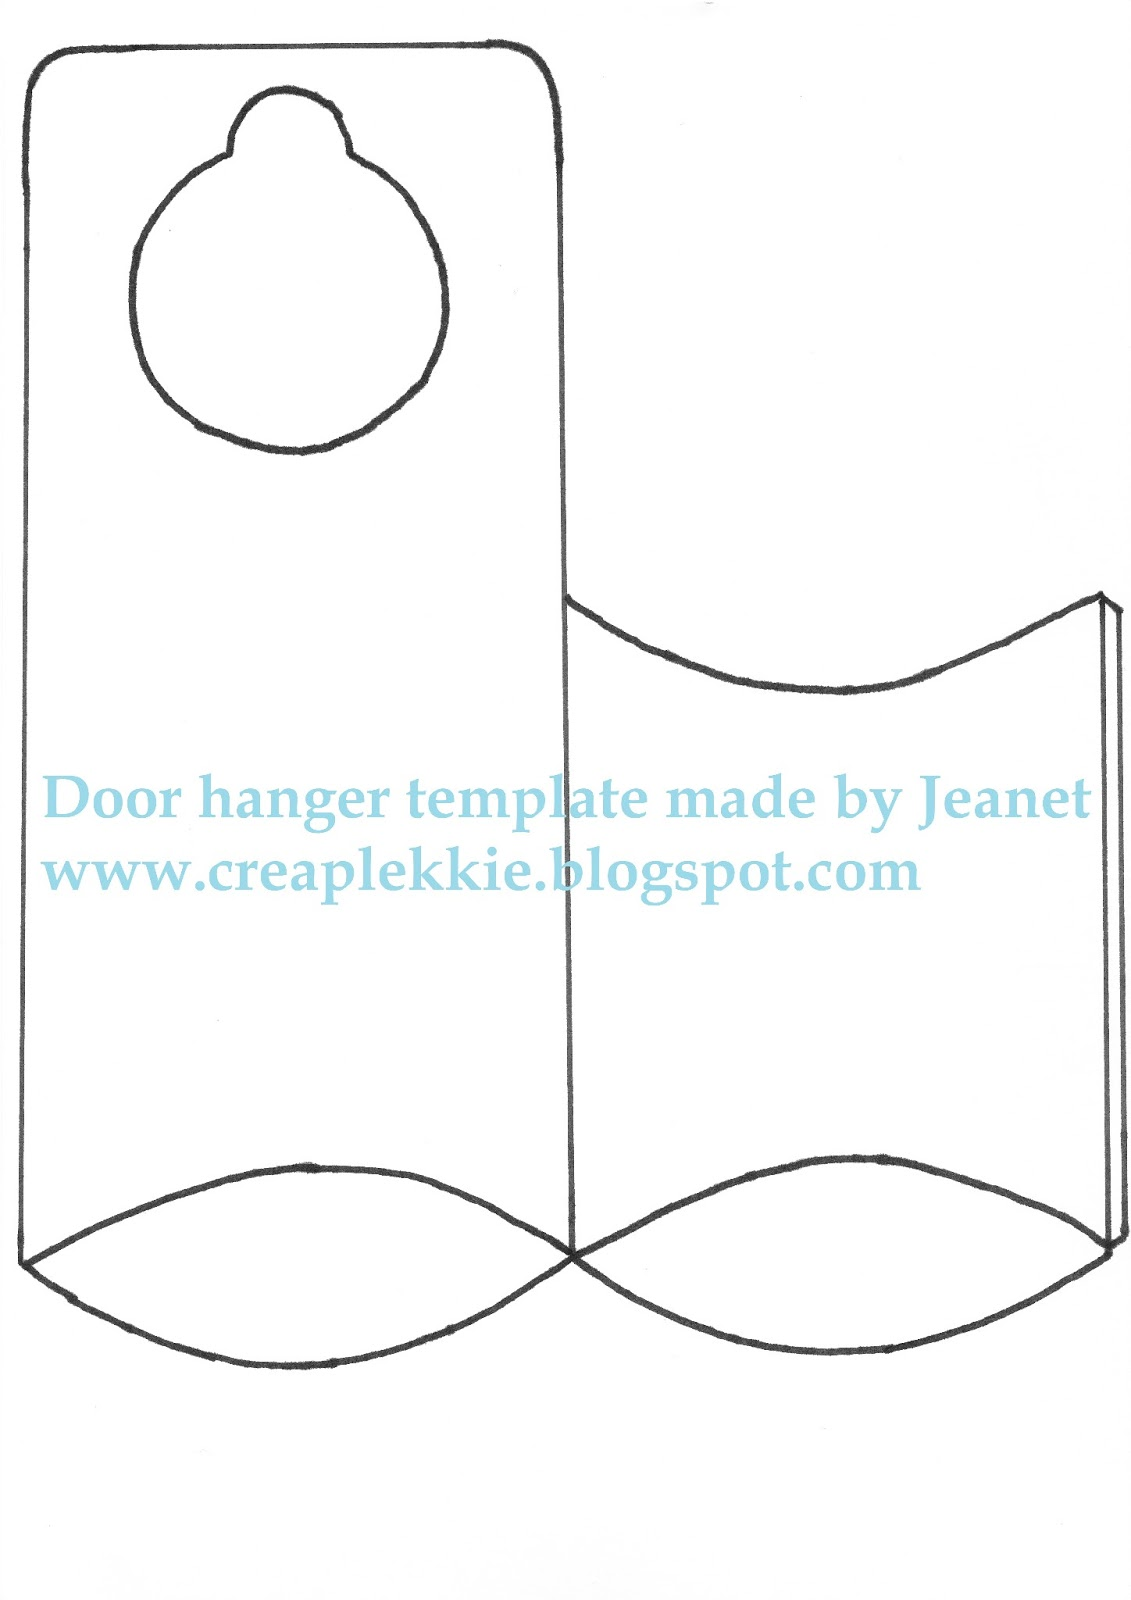 whiff of joy tutorials inspiration door hanger template. Black Bedroom Furniture Sets. Home Design Ideas